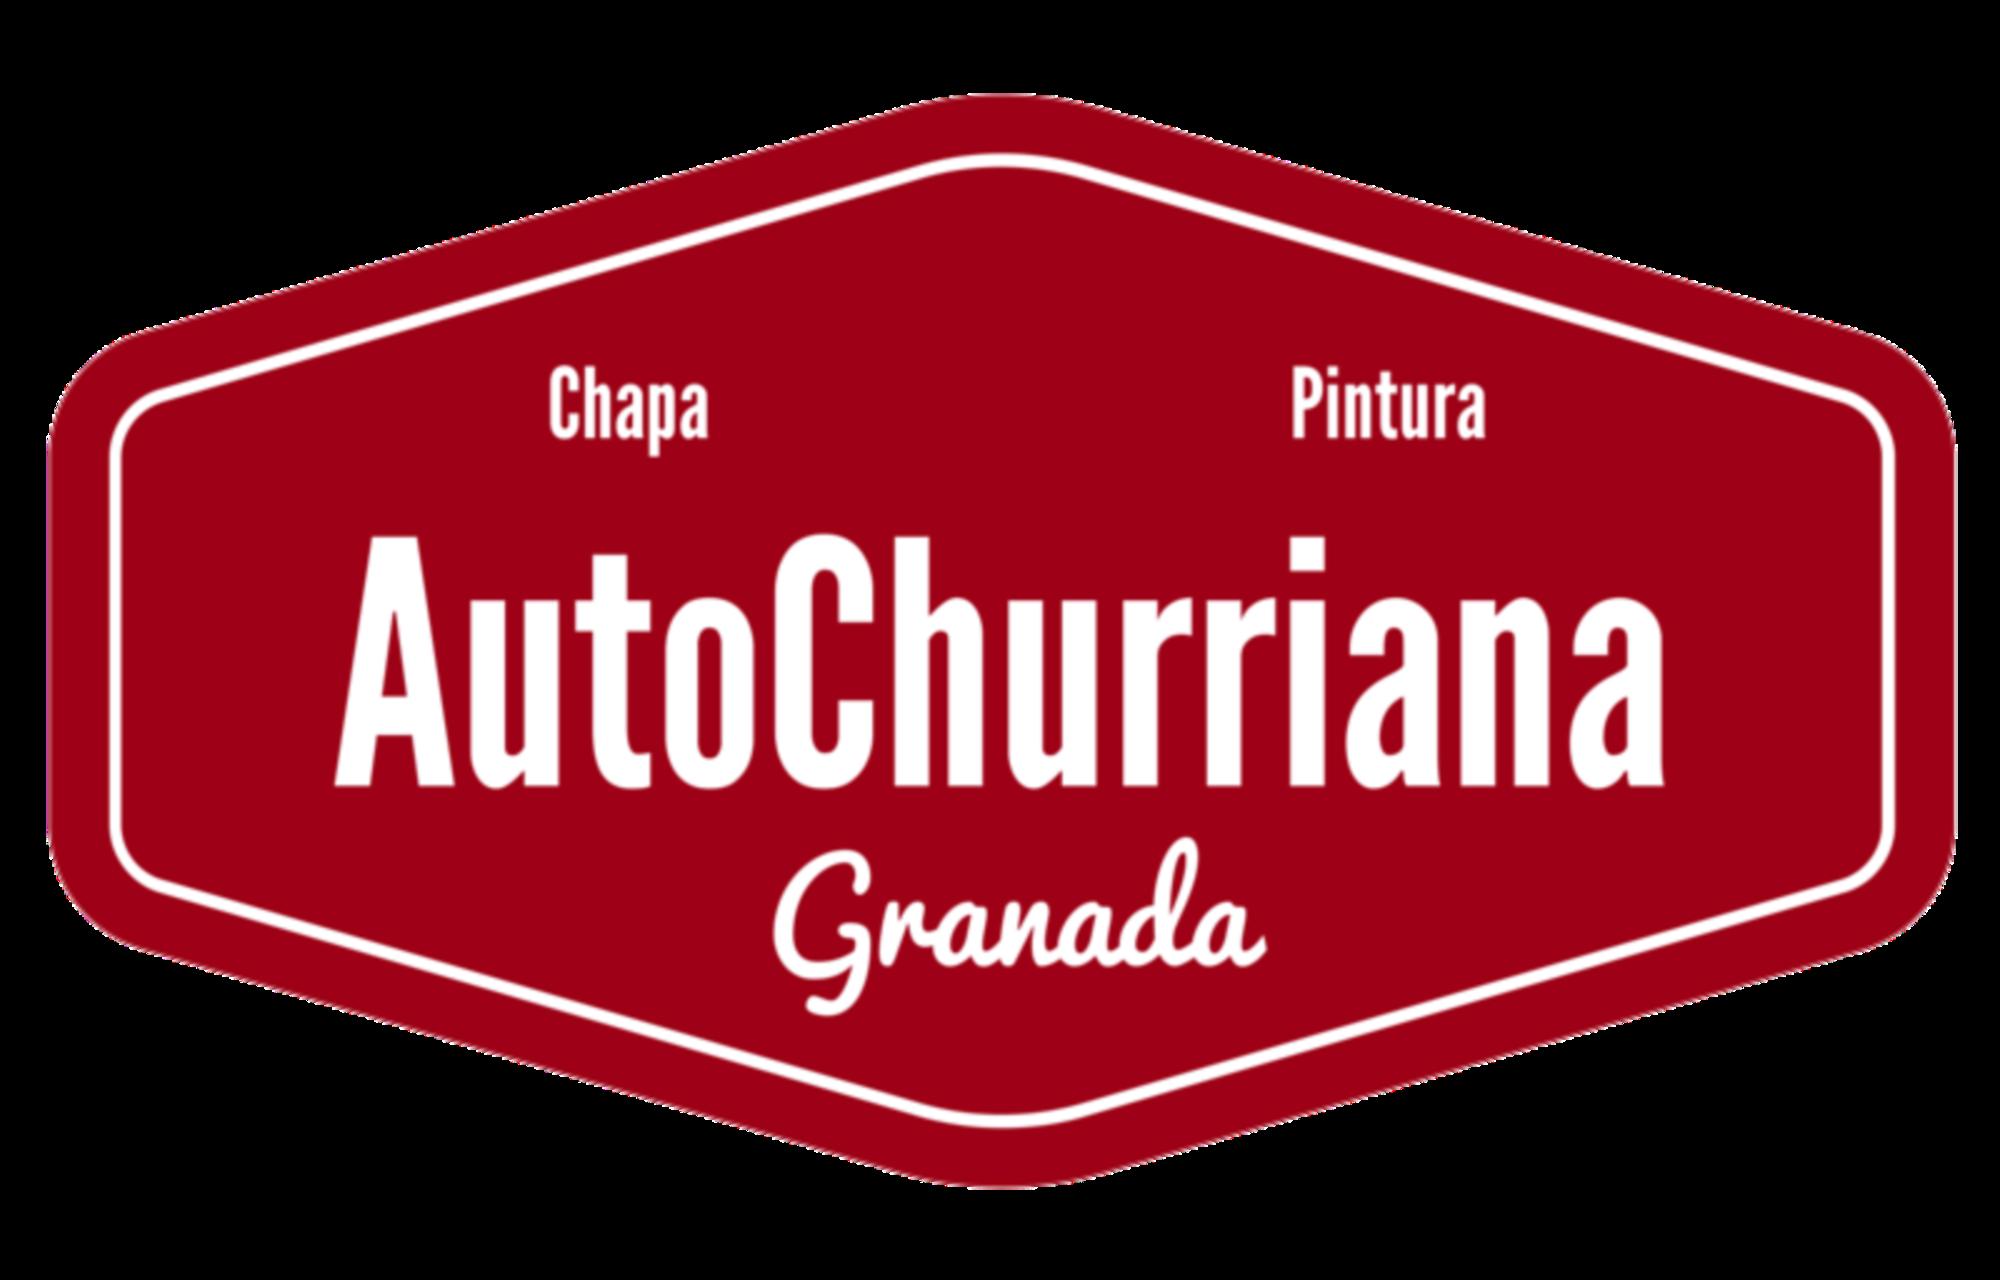 Talleres Autochurriana